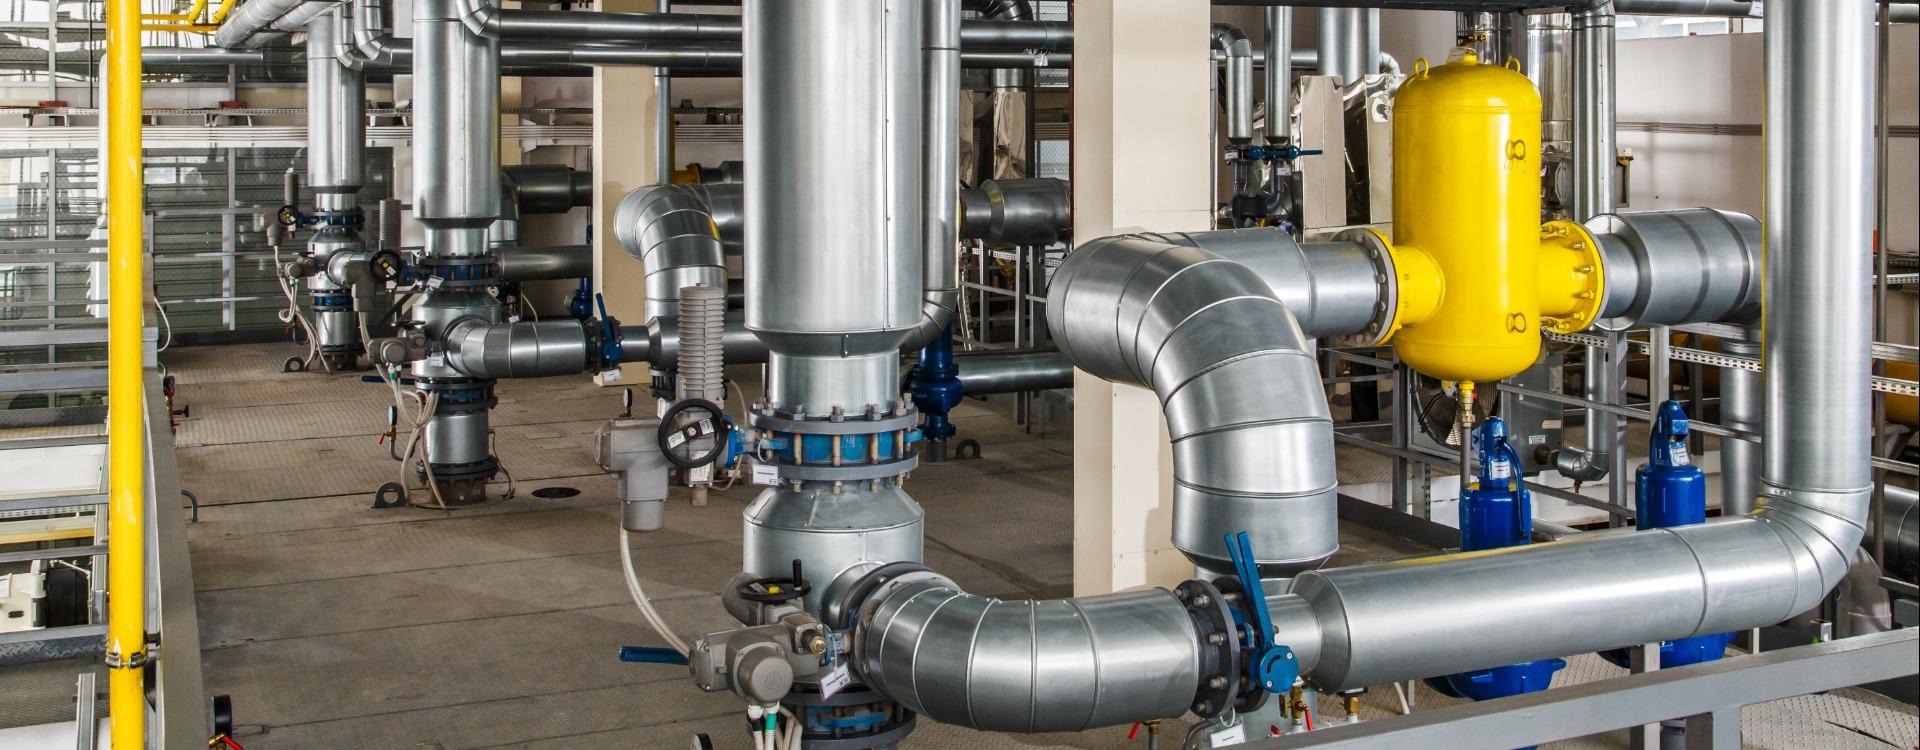 <p>Společnost<strong> WOHER s.r.o. </strong>se specializuje na bazénovou technologii a montáže rozvodů bazénové vody, realizaci nových, rekonstrukce a opravy již stávajících rozvodů kanalizace, vodovodních řadů a přípojek, vnitřních vodovodů a výstavbu inženýrských sítí.</p>